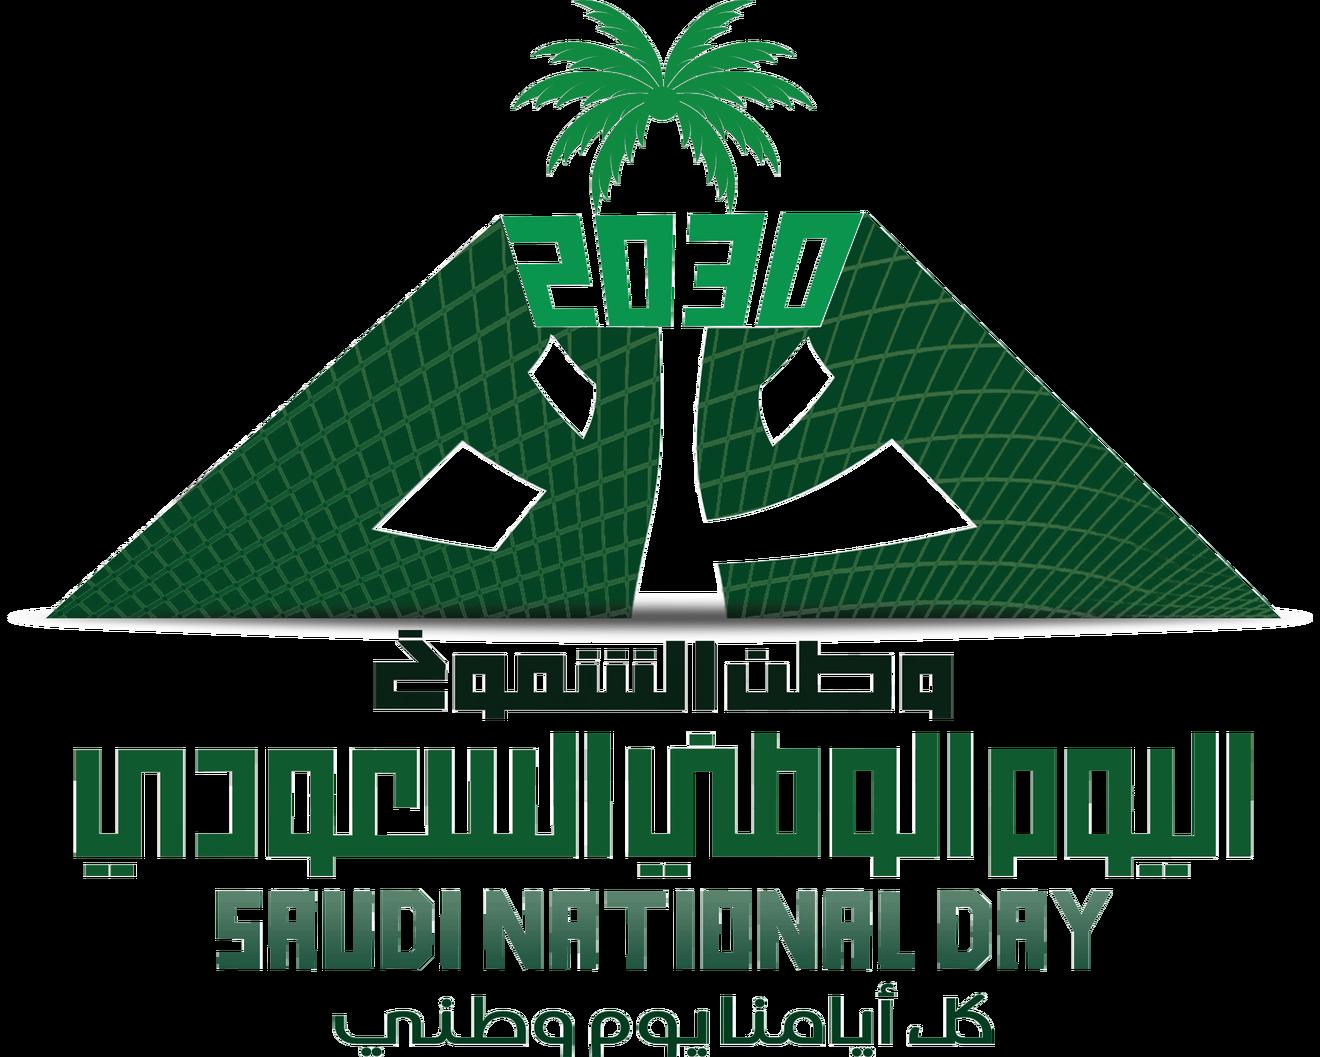 تصاميم لليوم الوطني 89 بجودة عالية صور Hd لليوم الوطني السعودي 1441 مجلة رجيم National Day National Gaming Logos